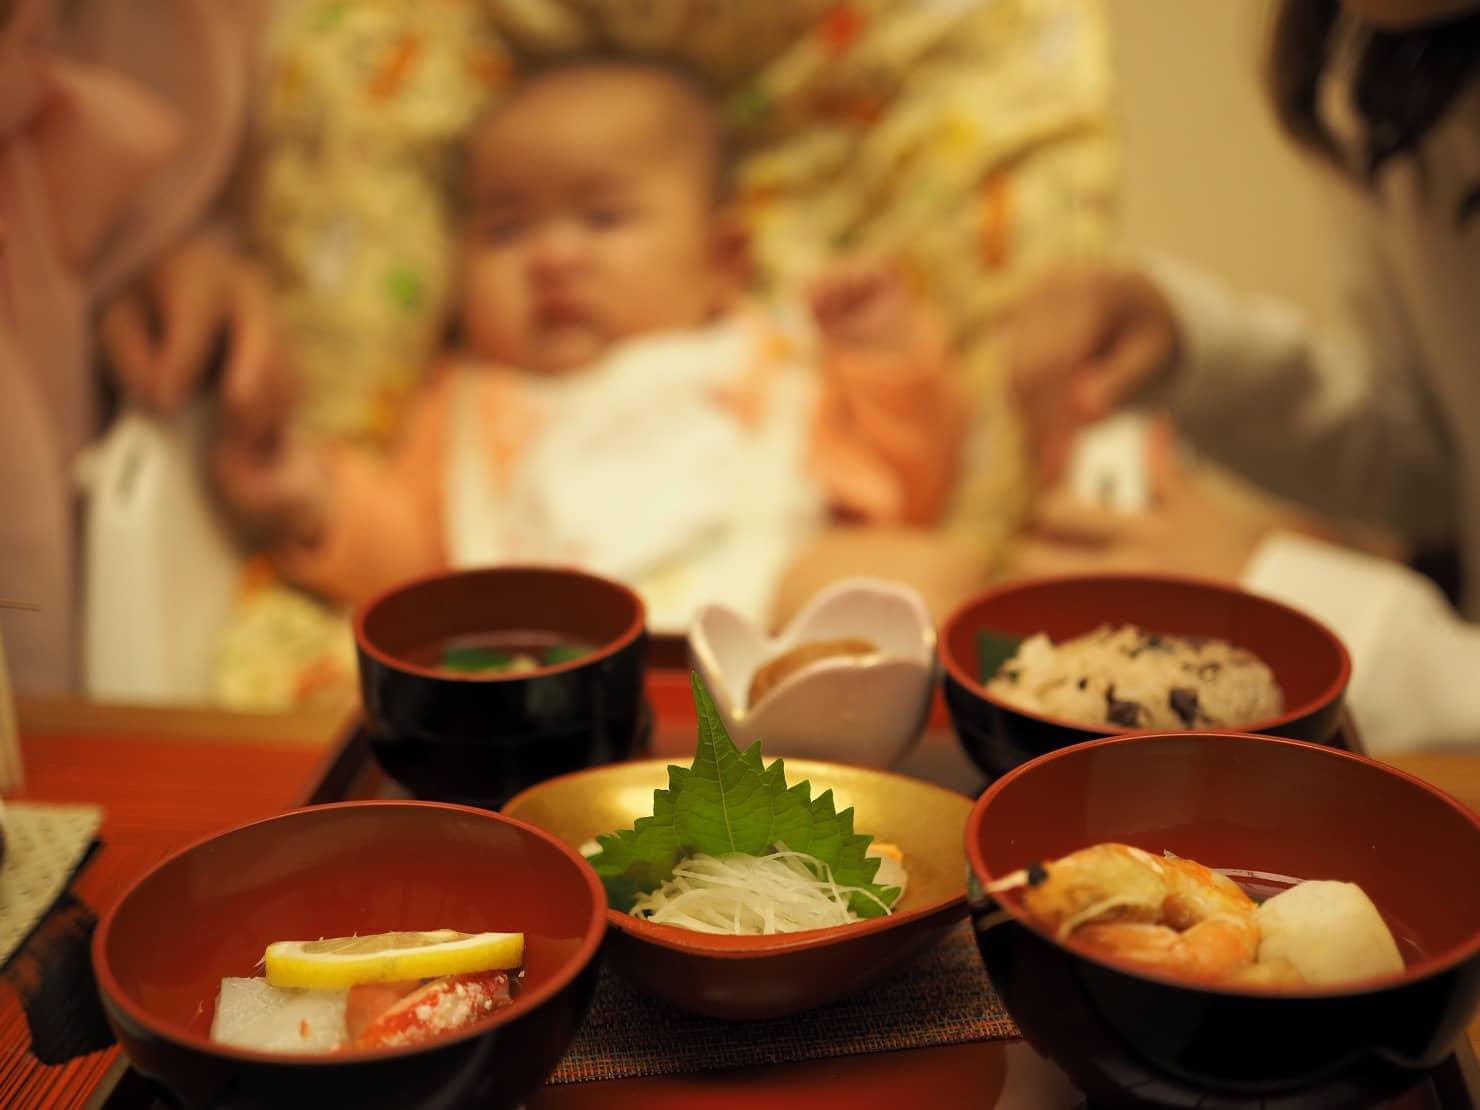 お食い初めは木曽路がおすすめ! そのほかお食い初めプランがある東京のレストラン・料理店も紹介